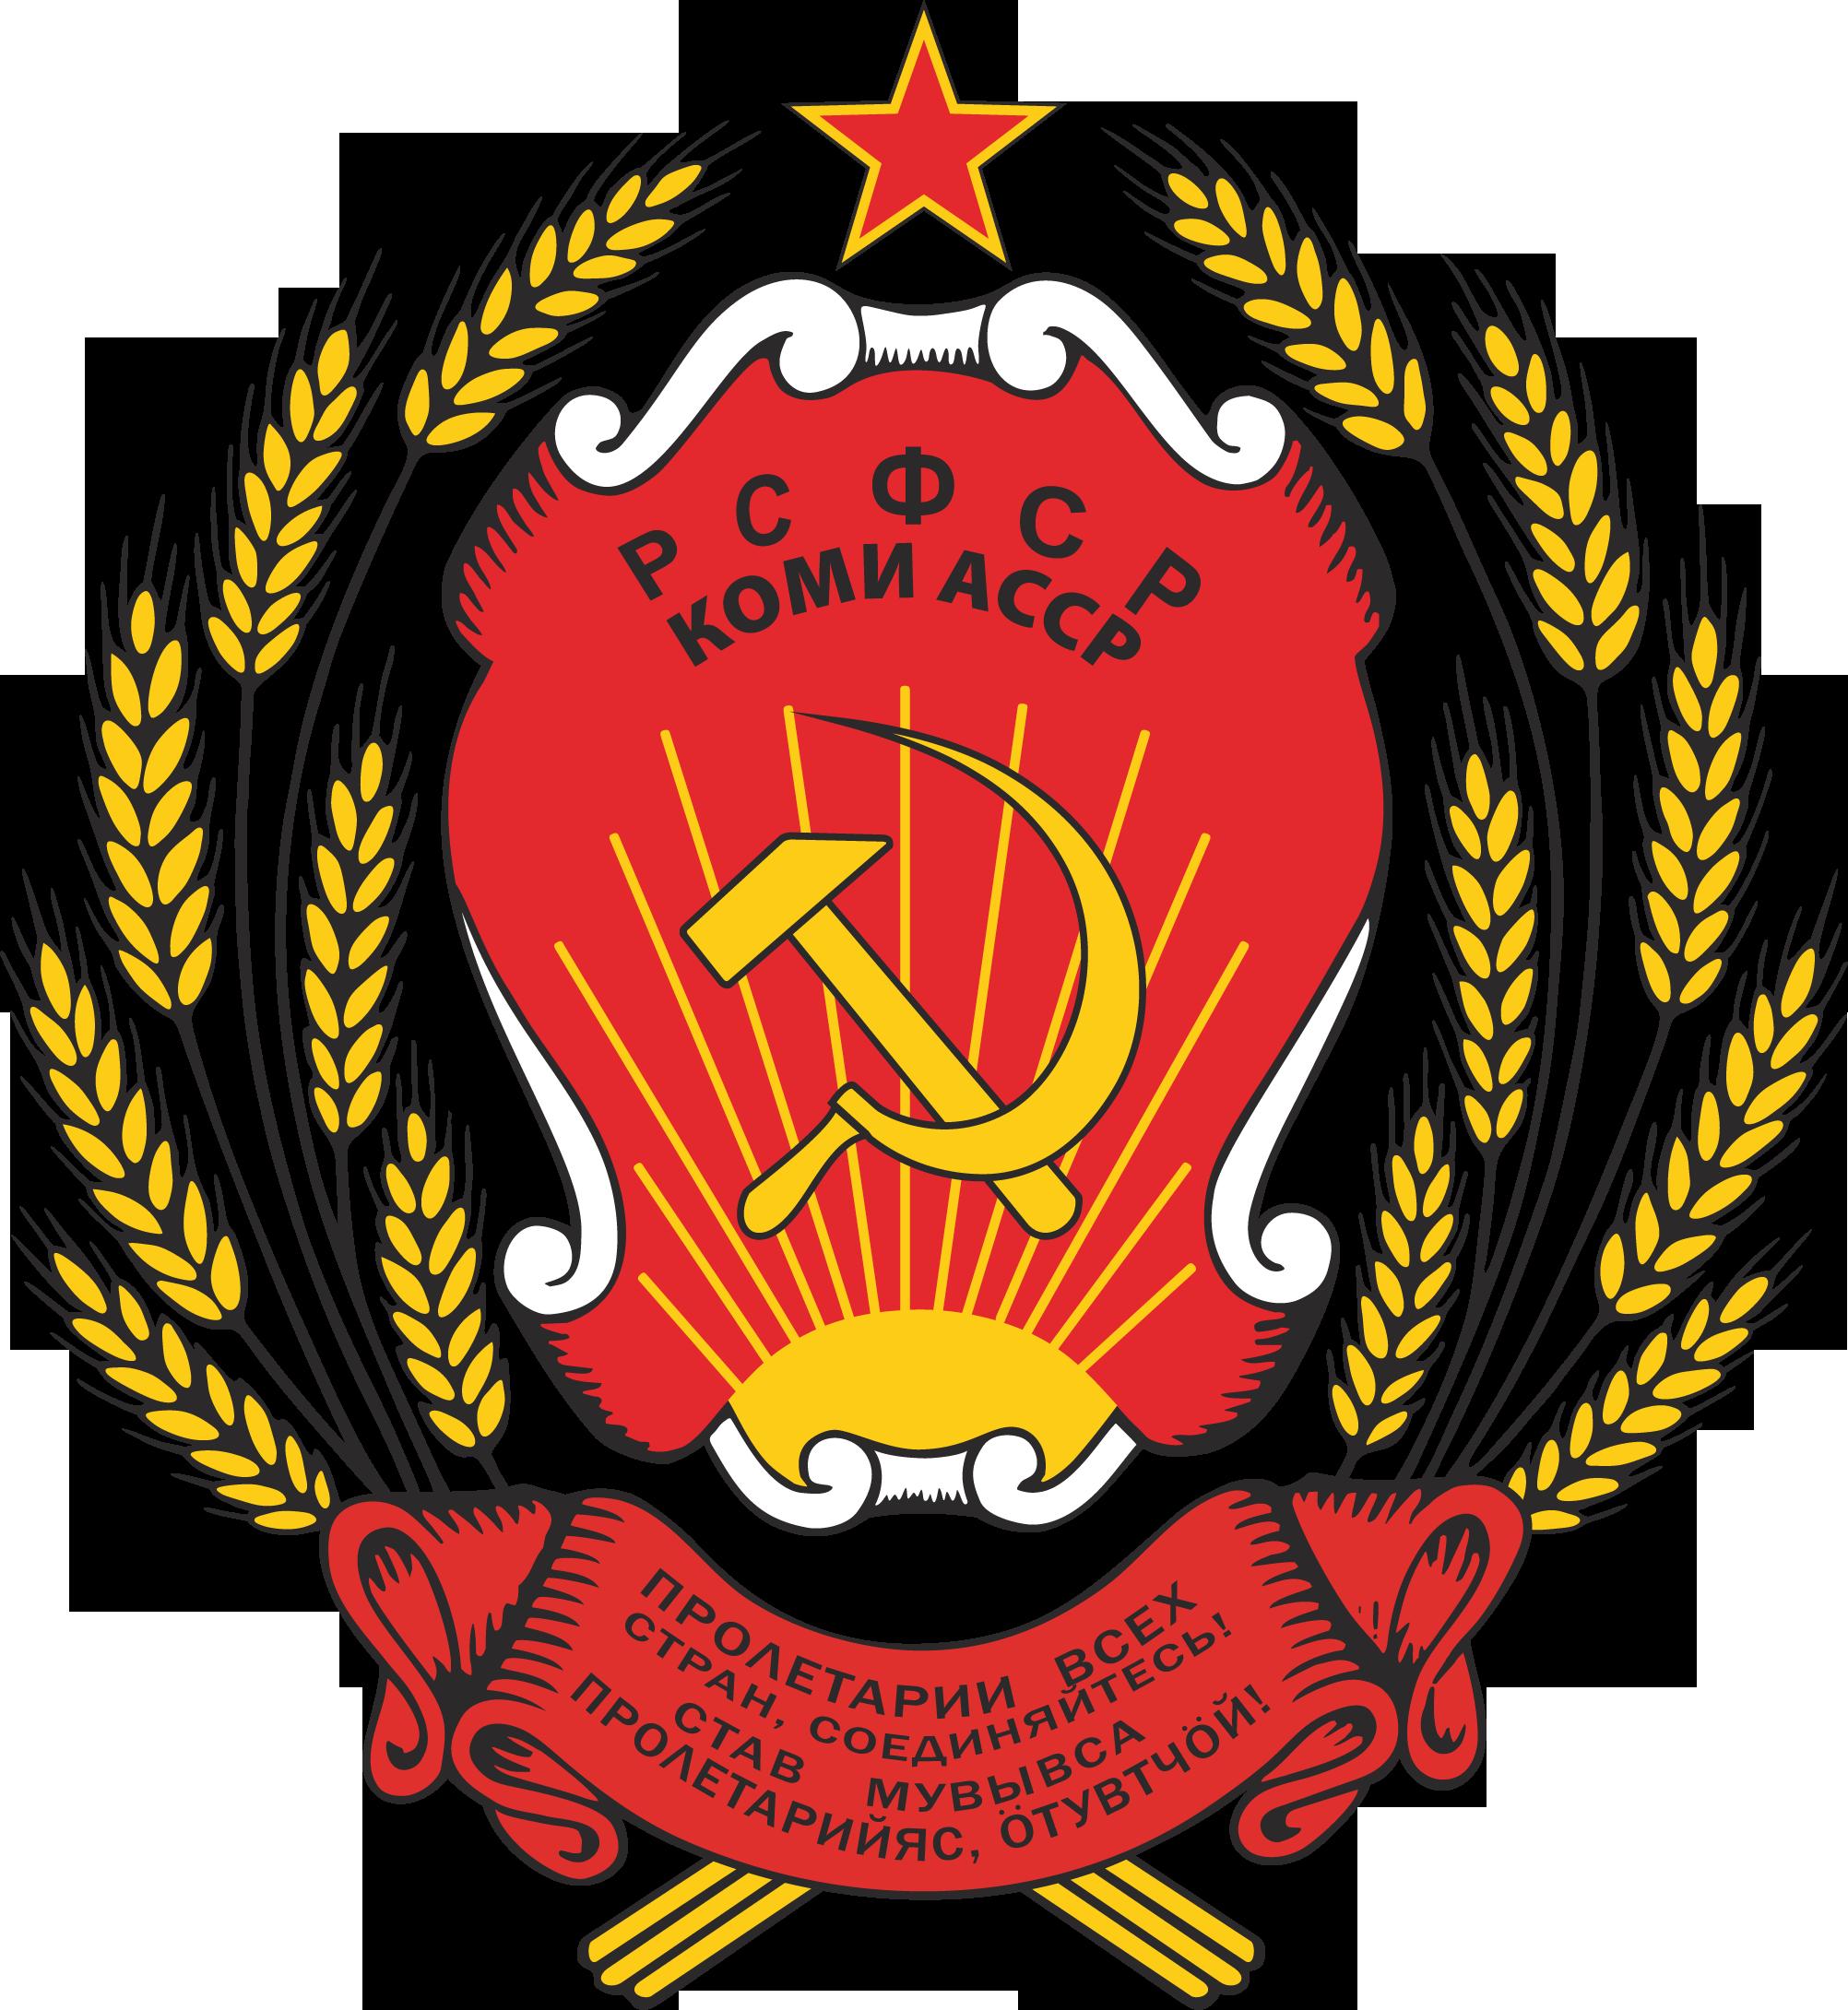 герб АССР Коми